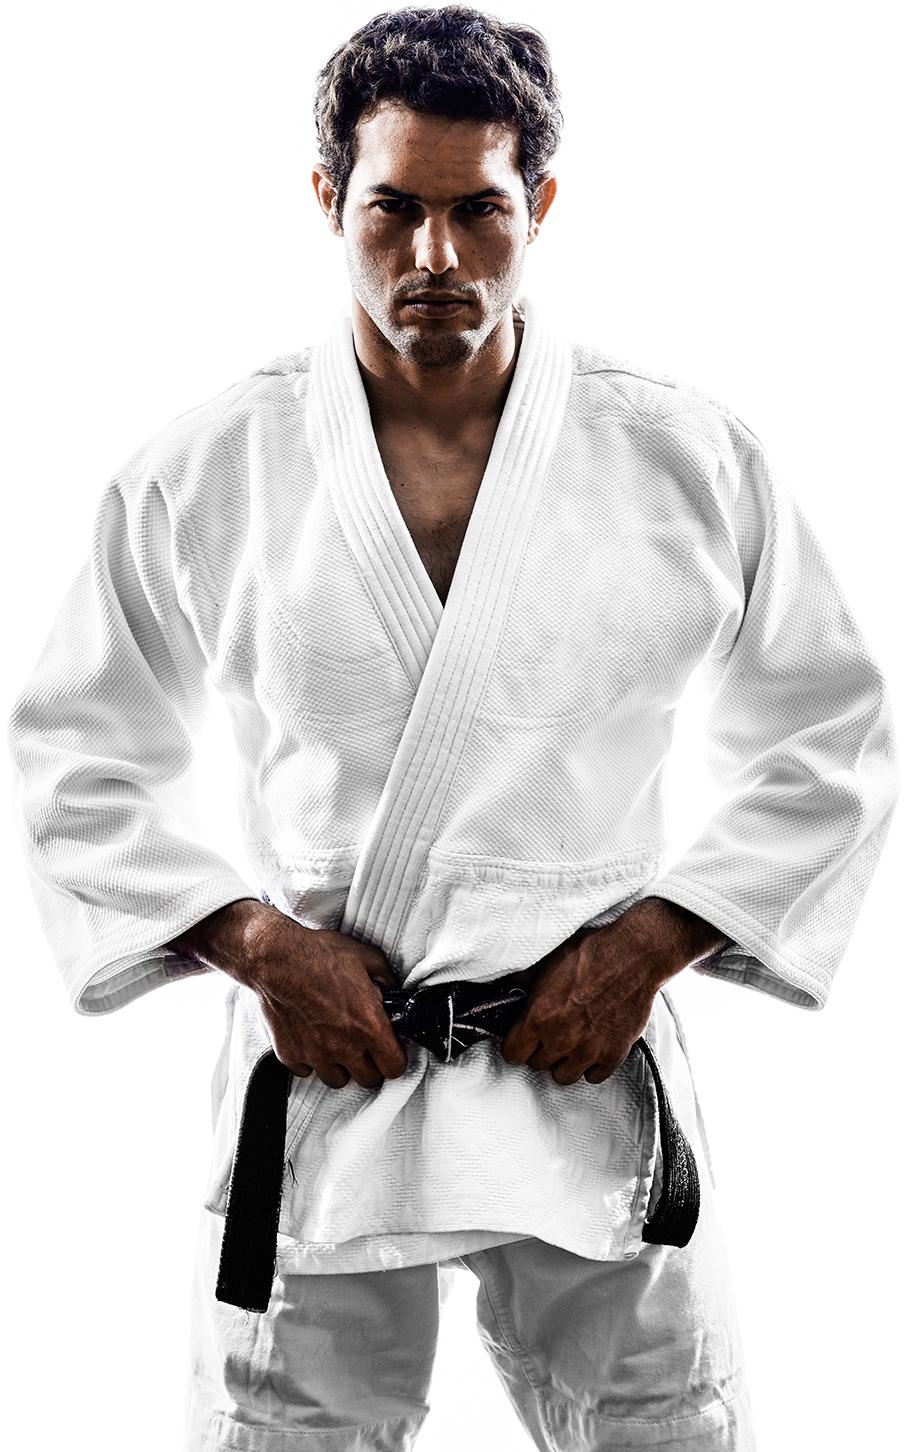 Die BushidoX Academy bildet qualifizierte Fachkräfte im Bereich Kampfkunst aus.